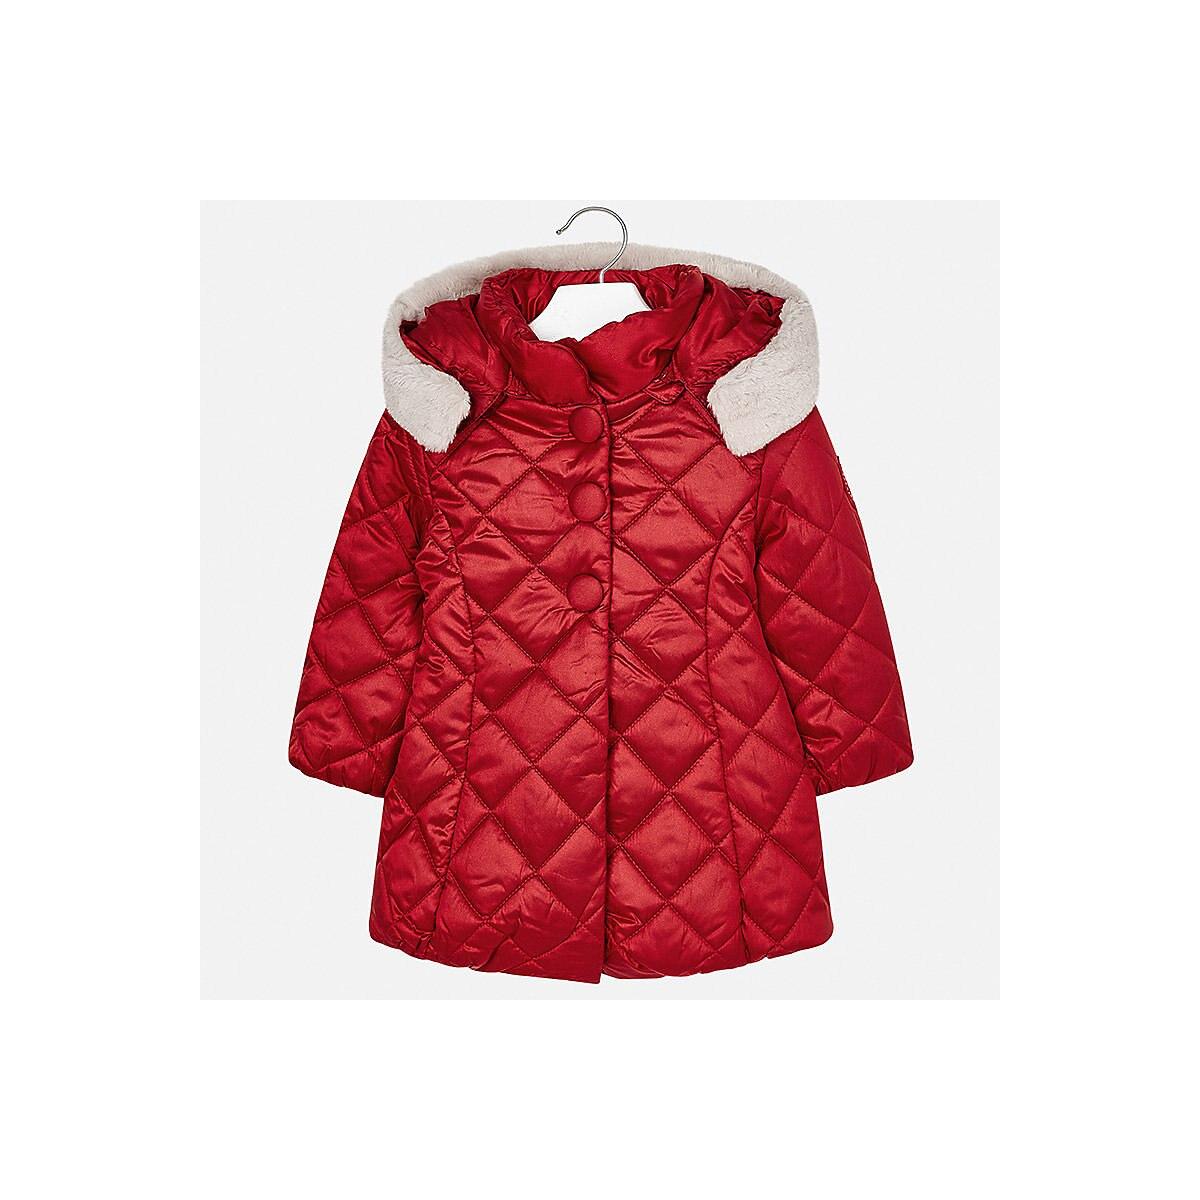 Chaquetas y abrigos MAYORAL 8849537 chaqueta para niñas abrigo ropa de bebé ropa para niños niñas